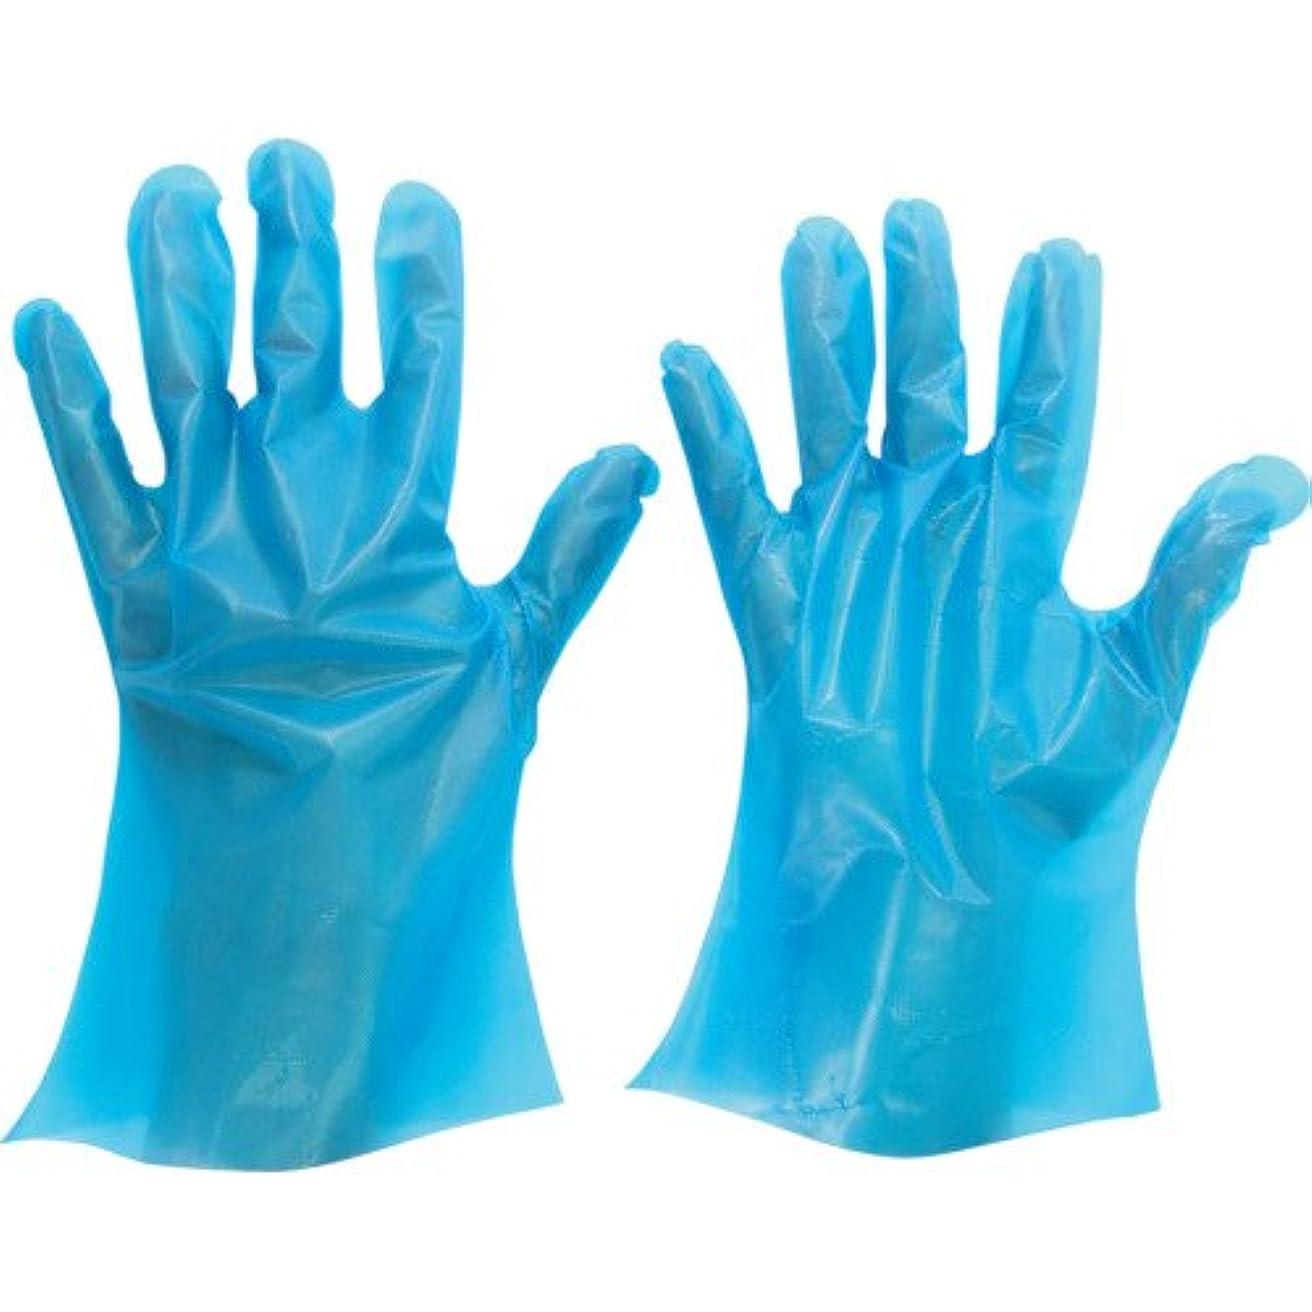 ホースあいまいさ匹敵しますミドリ安全 ポリエチレン使い捨て手袋 厚手 外エンボス 200枚入 青 M VERTE566NM